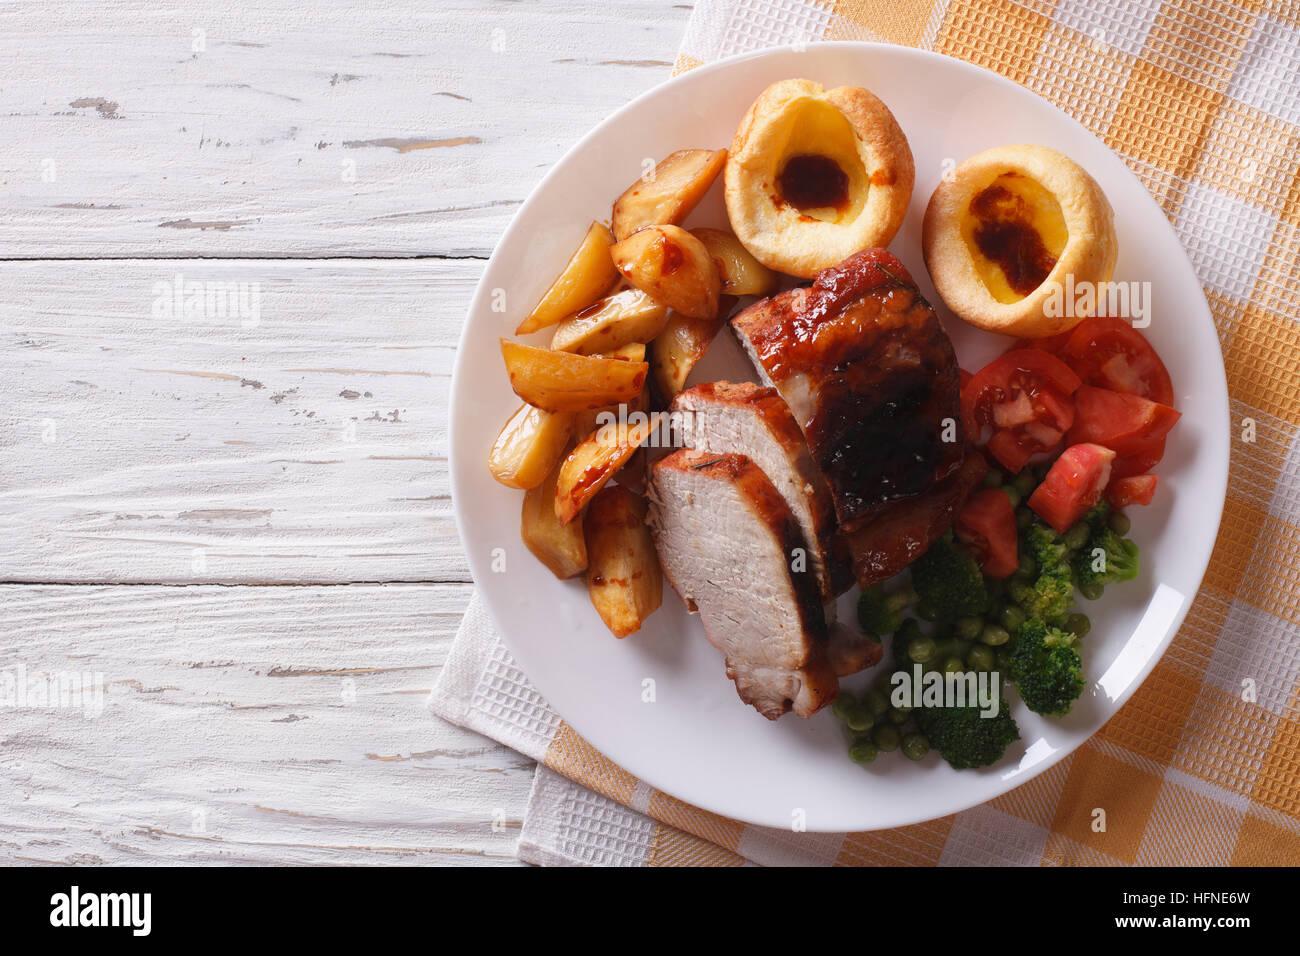 Le rôti du dimanche: porc aux pommes de terre, de légumes et de Yorkshire pudding fermer vers le Photo Stock